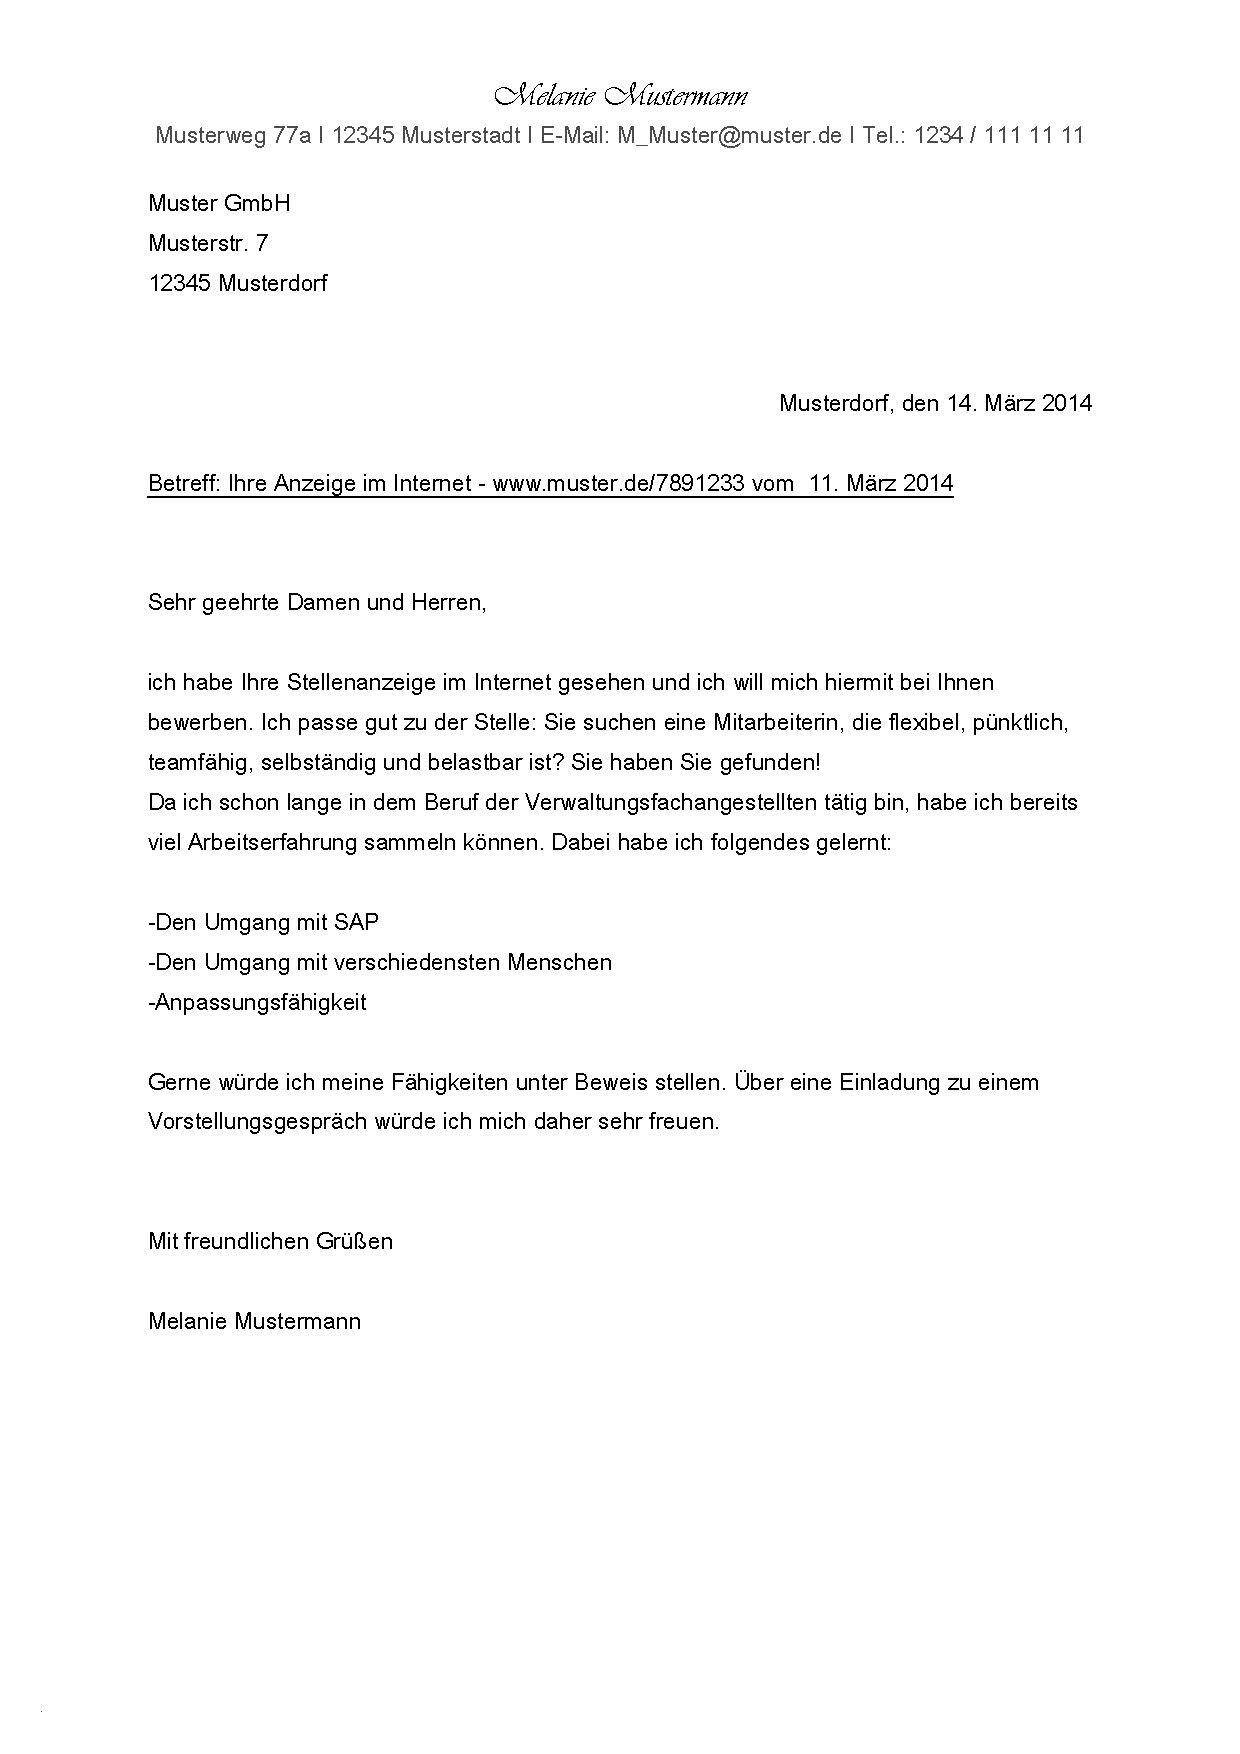 Briefprobe Briefformat Briefvorlage Bewerbung Anschreiben Bewerbung Muster Bewerbung